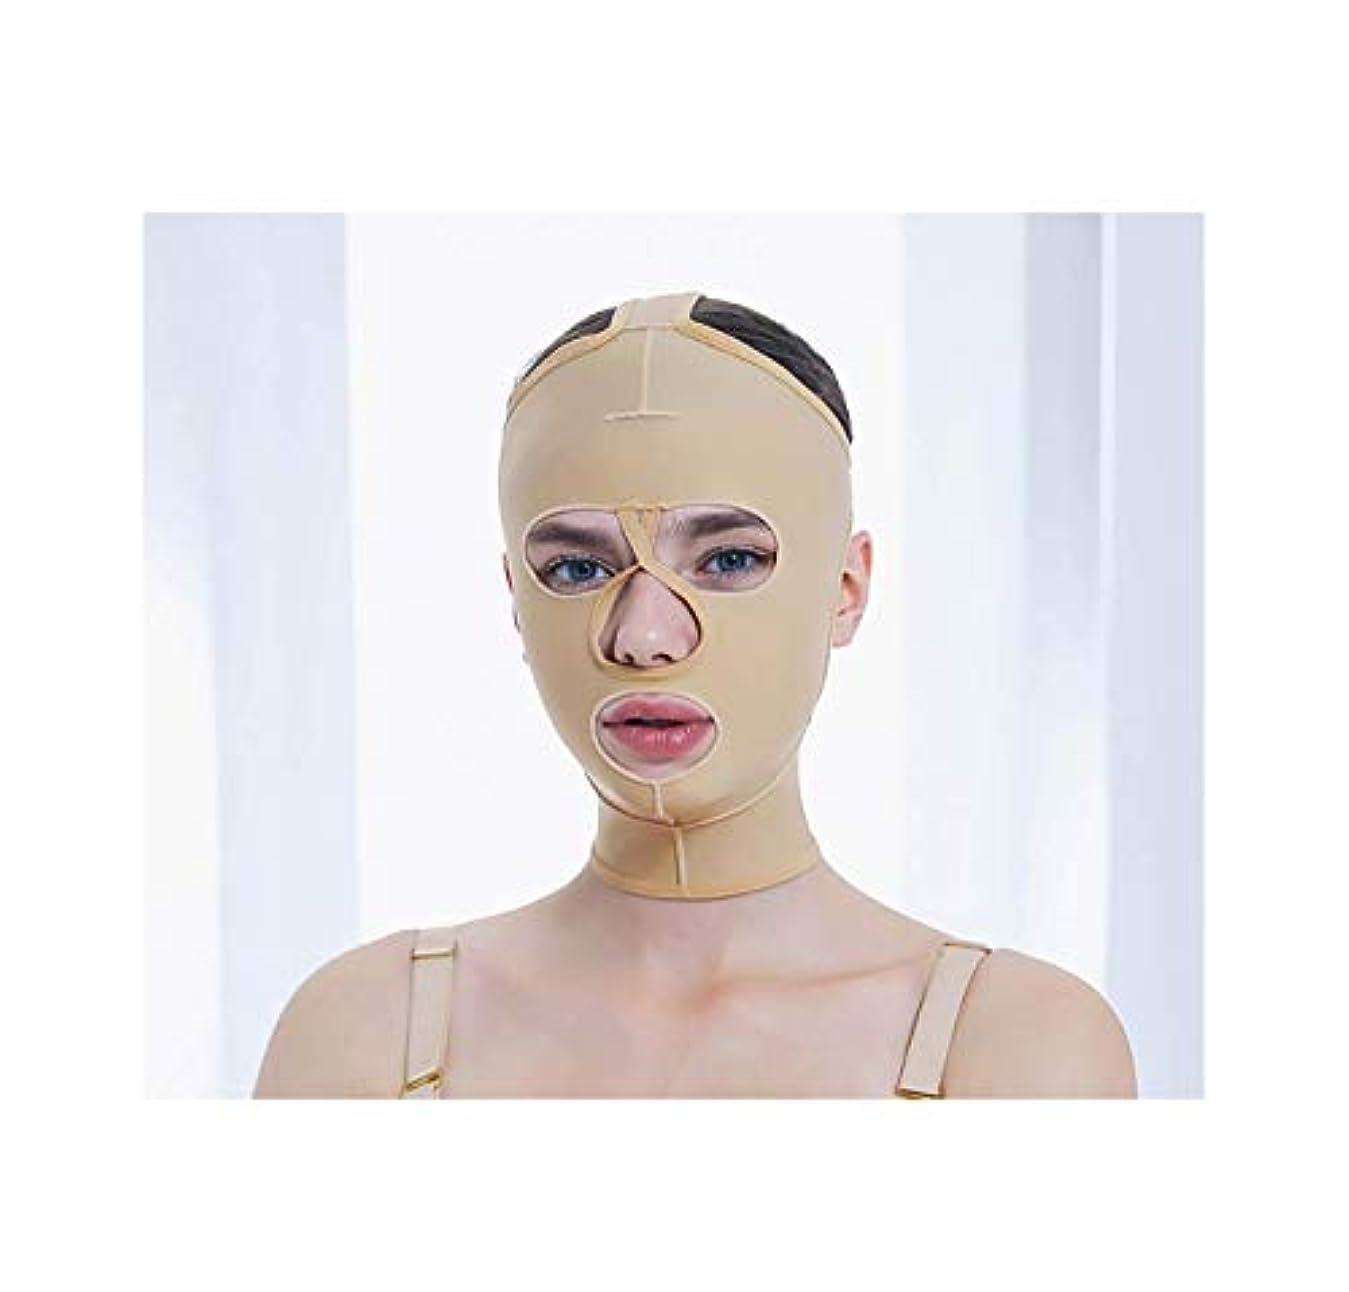 誘発する隔離する広いフェイス&ネックリフト、減量フェイスマスク脂肪吸引術脂肪吸引整形マスクフードフェイスリフティングアーティファクトVフェイスビームフェイス弾性スリーブ(サイズ:XS),M